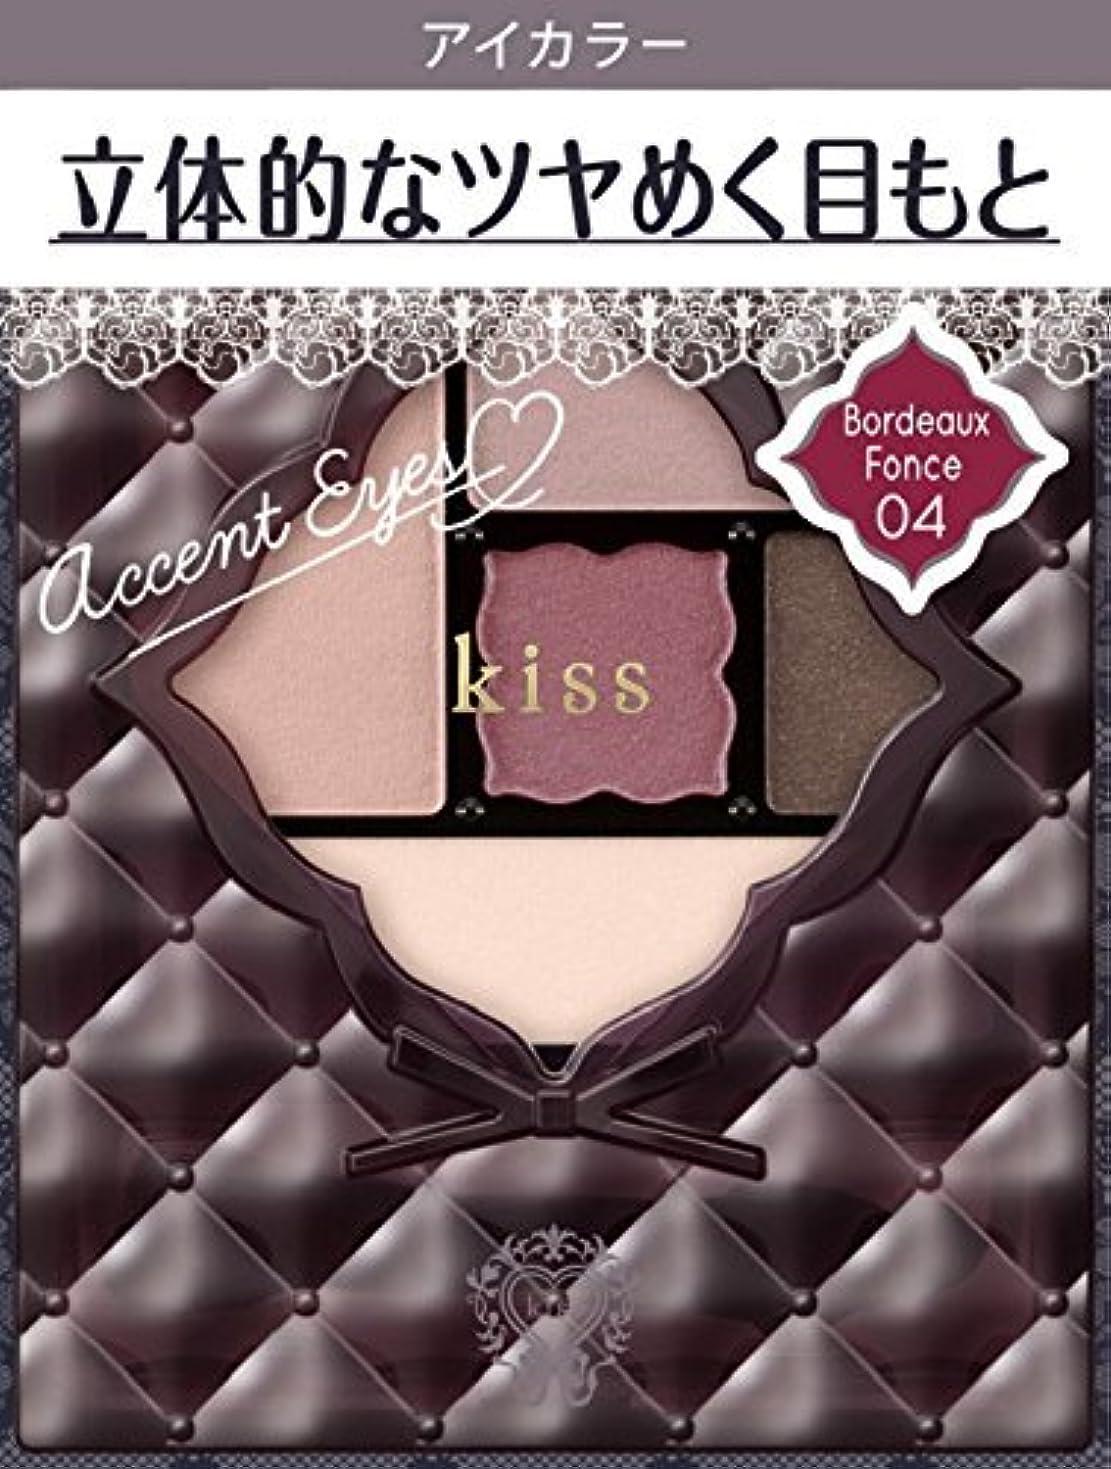 出版満員世界的にキス アクセントアイズ04 ボルドーフォンセ 3.5g